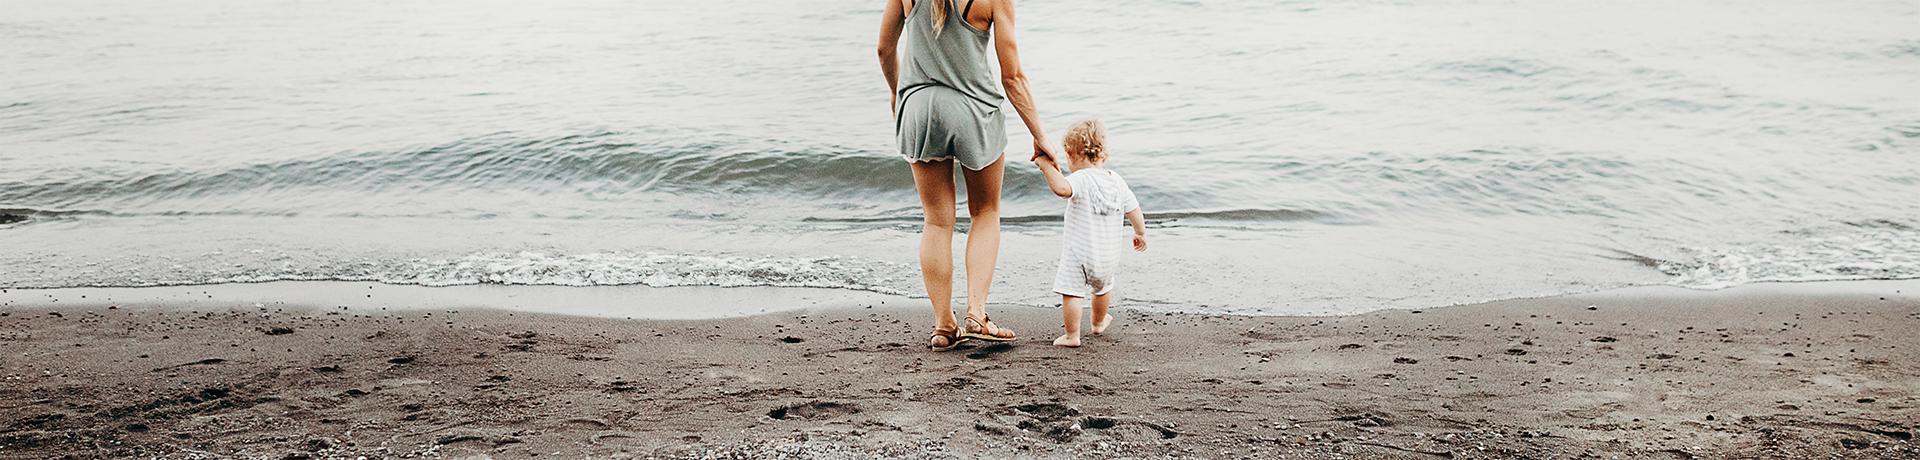 Urlaubsanspruch in Elternzeit